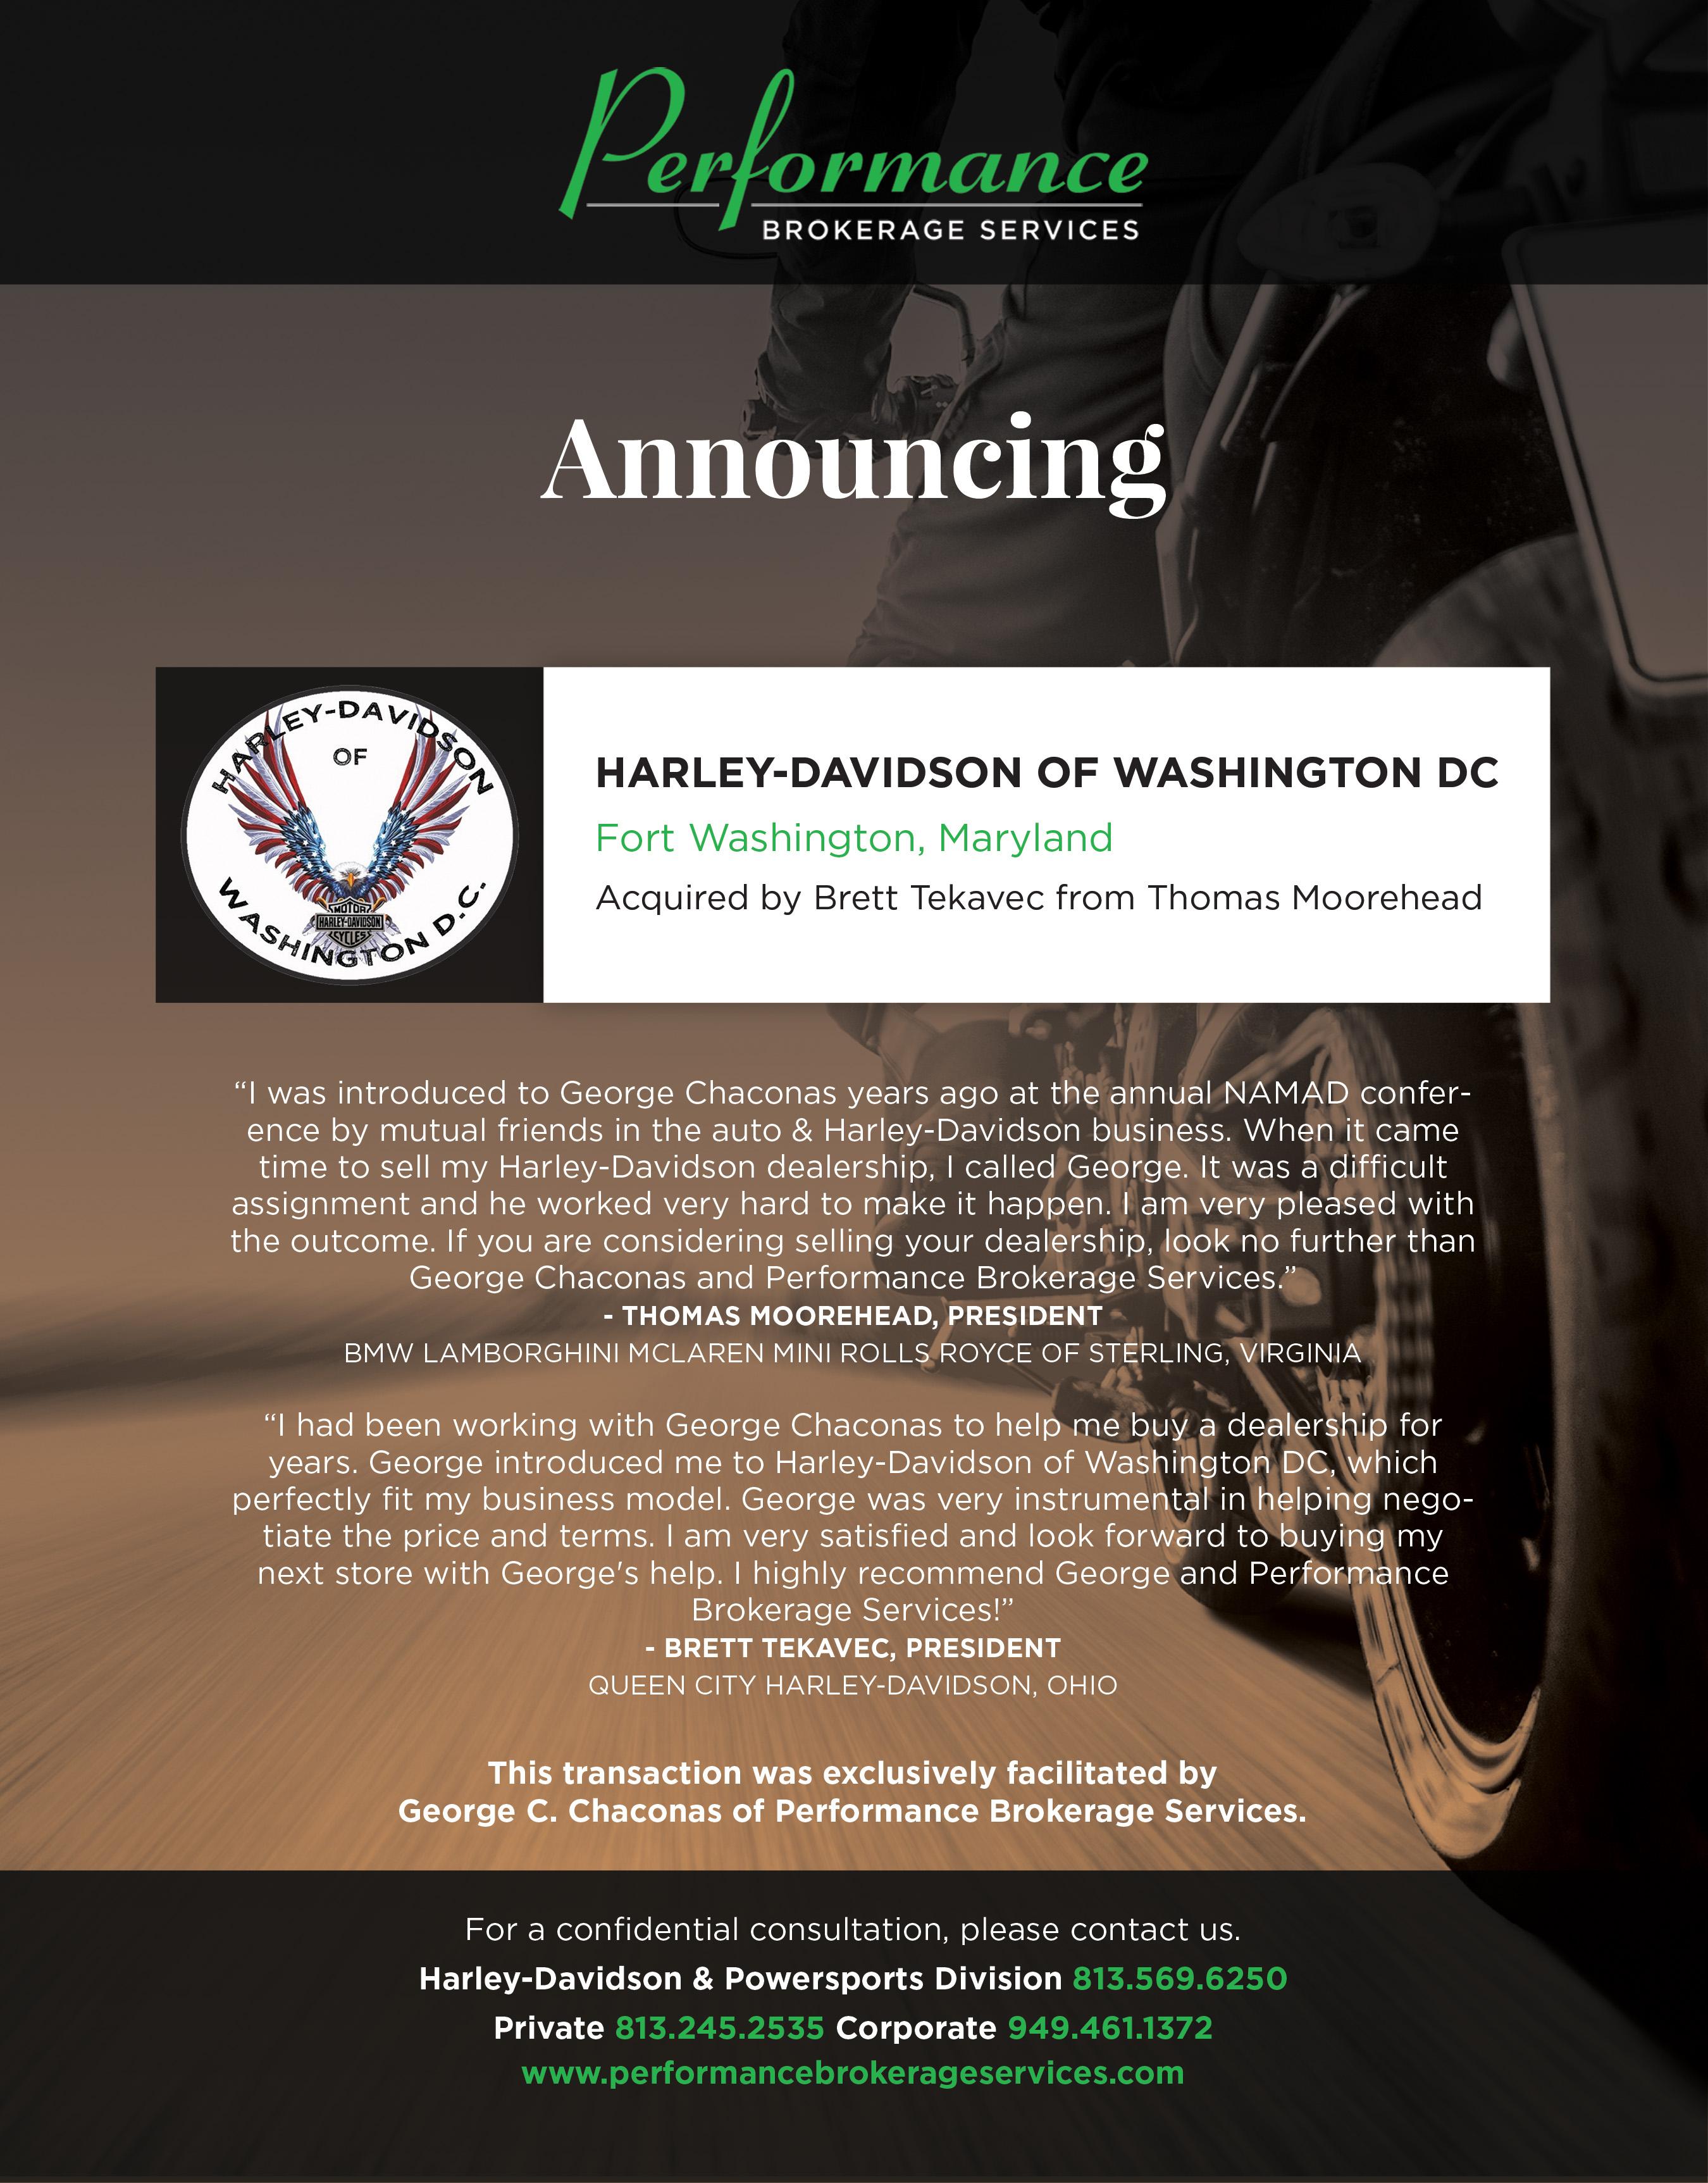 Harley-Davidson of Washington DC - Performance Brokerage